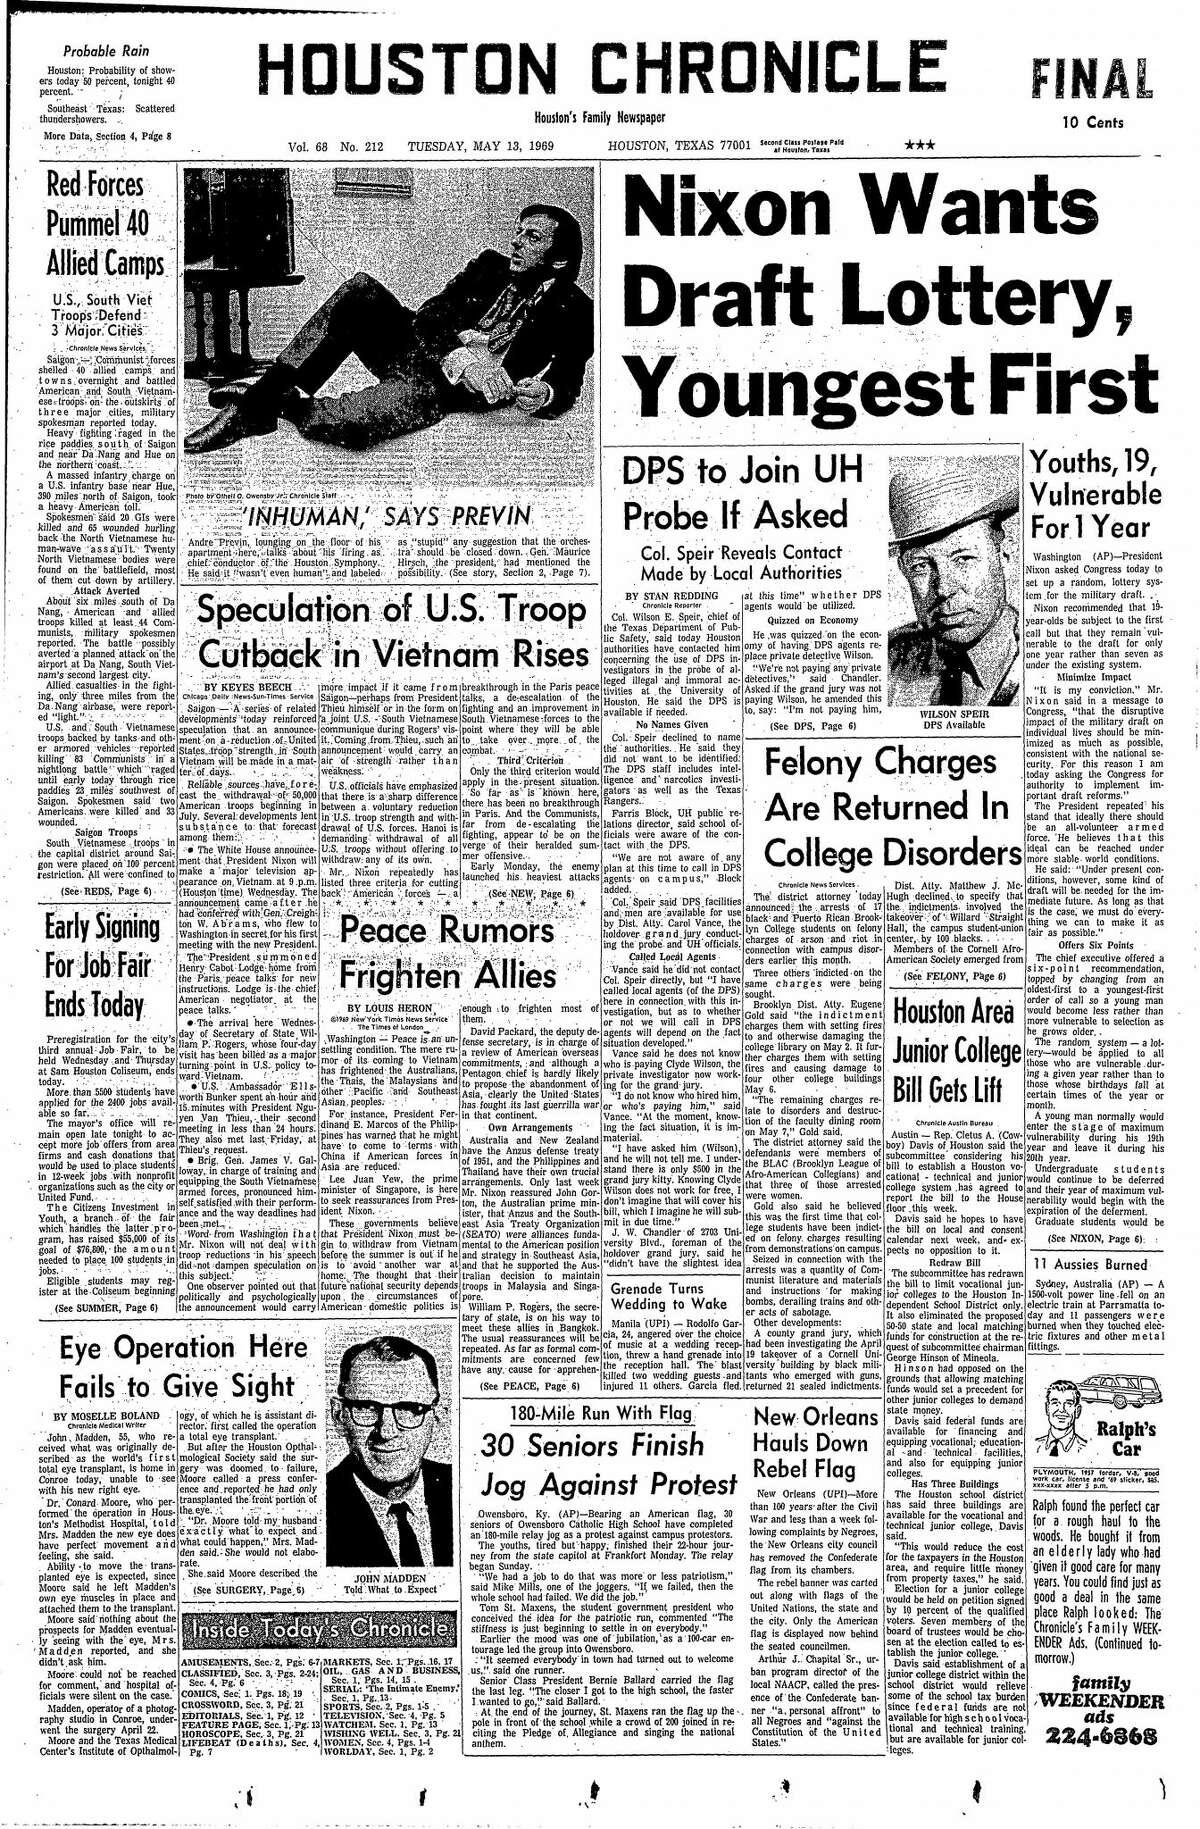 May 13, 1969